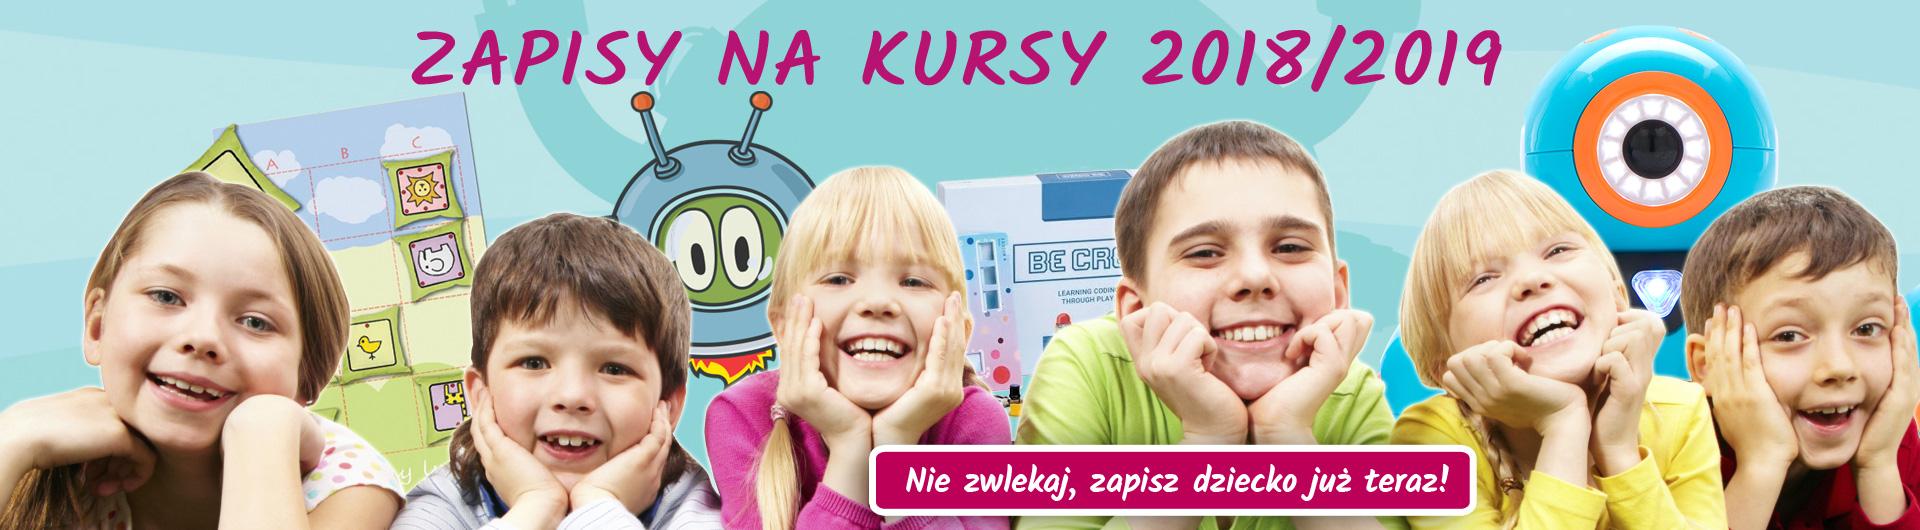 Zapisy na kursy programowania dla dzieci w roku szkolnym 2018/2019 - Świdncia